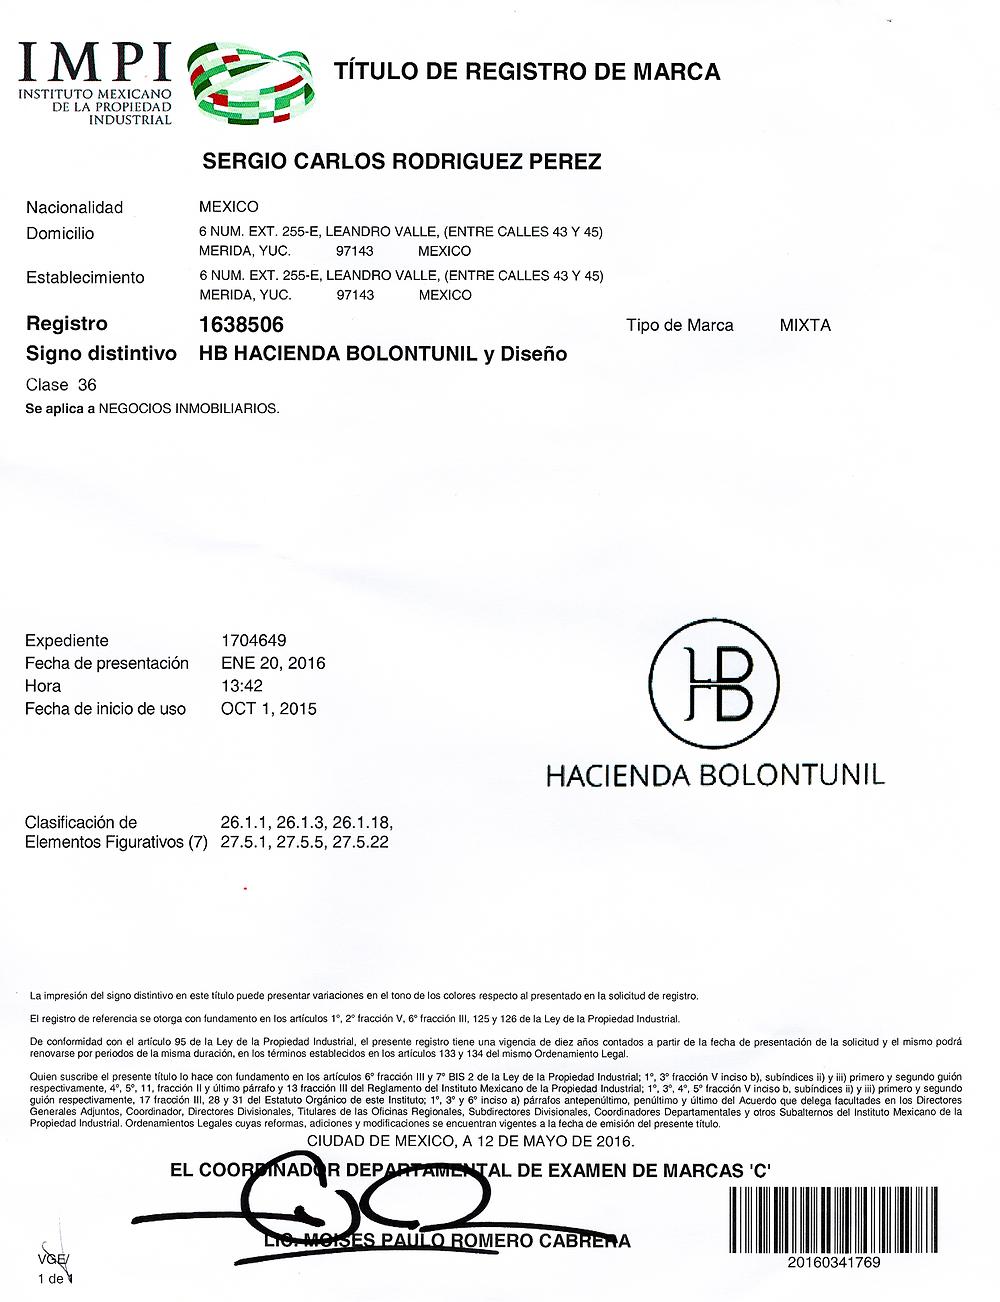 Registro de Marca HB